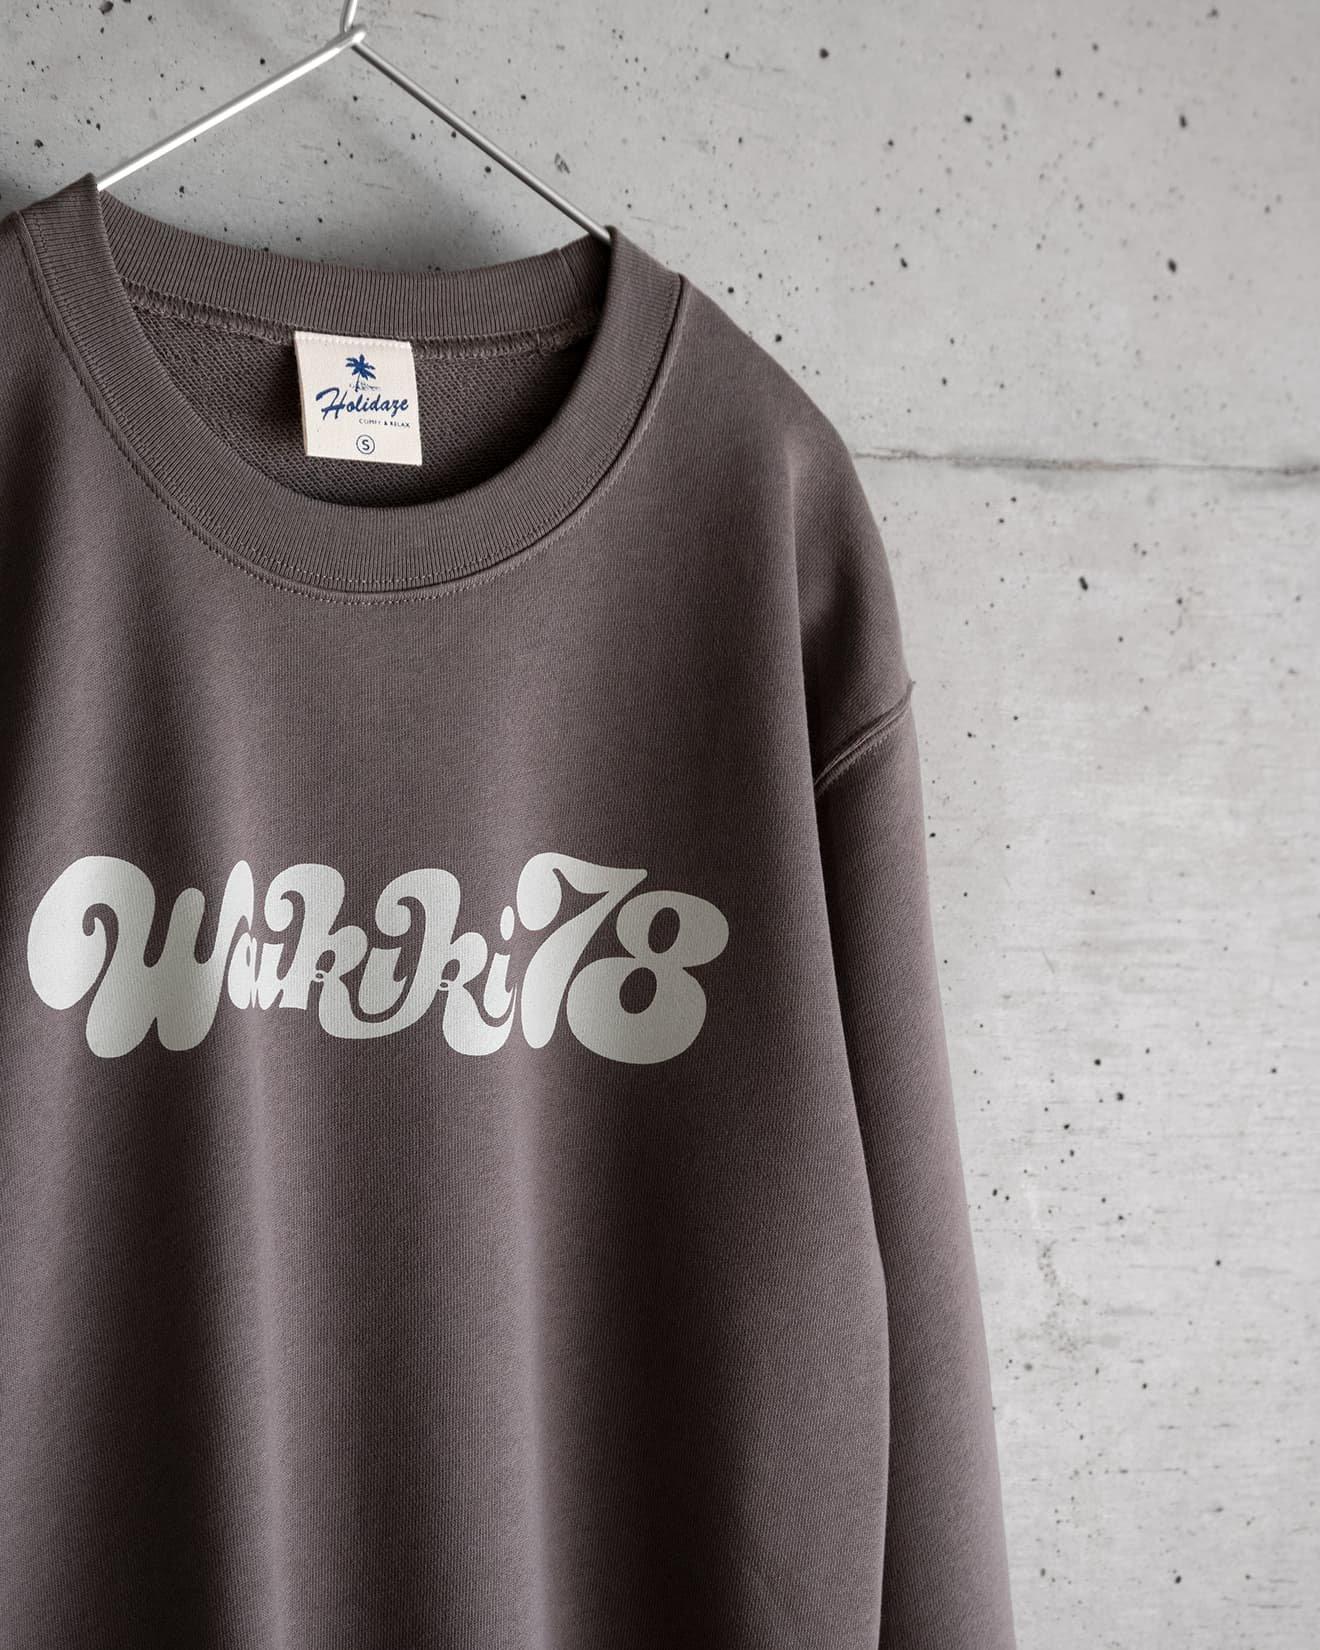 WAIKIKI'78 スウェット